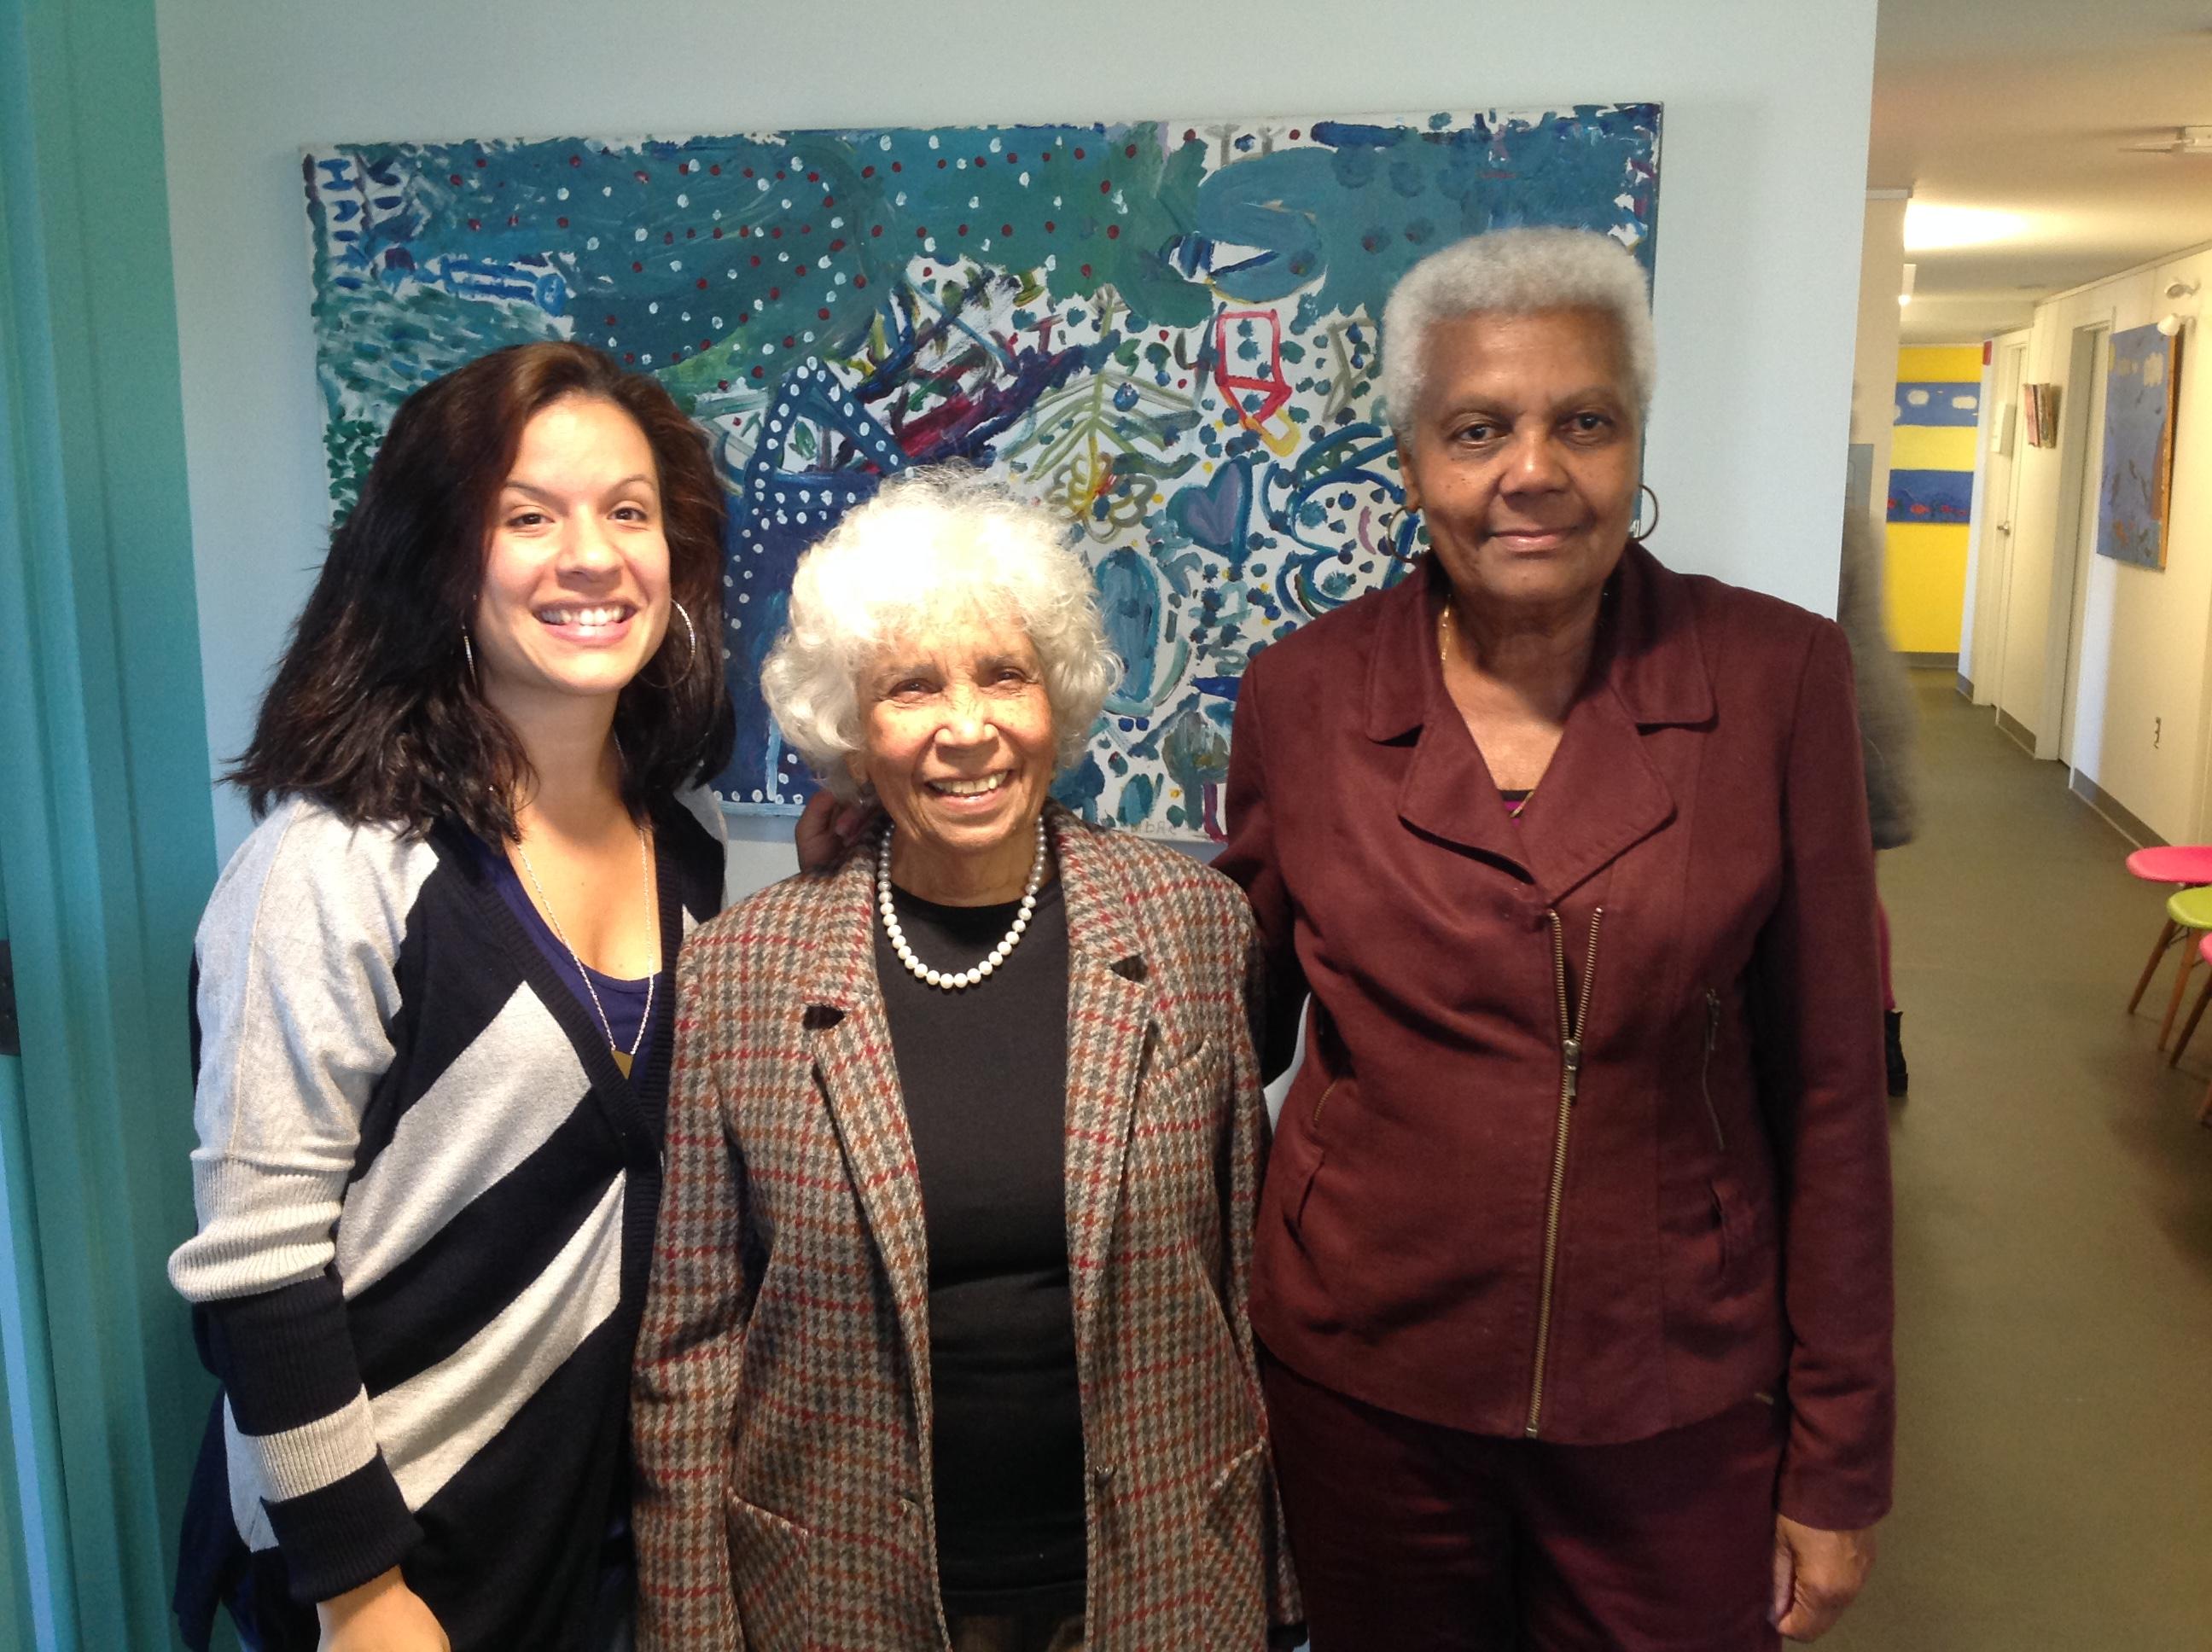 Adeline Chancy, au centre, en compagnie de Désirée Rochat à gauche et de Suzie Boisrond à droite, lors d'une visite dans les nouveaux locaux de la Maison d'Haïti.